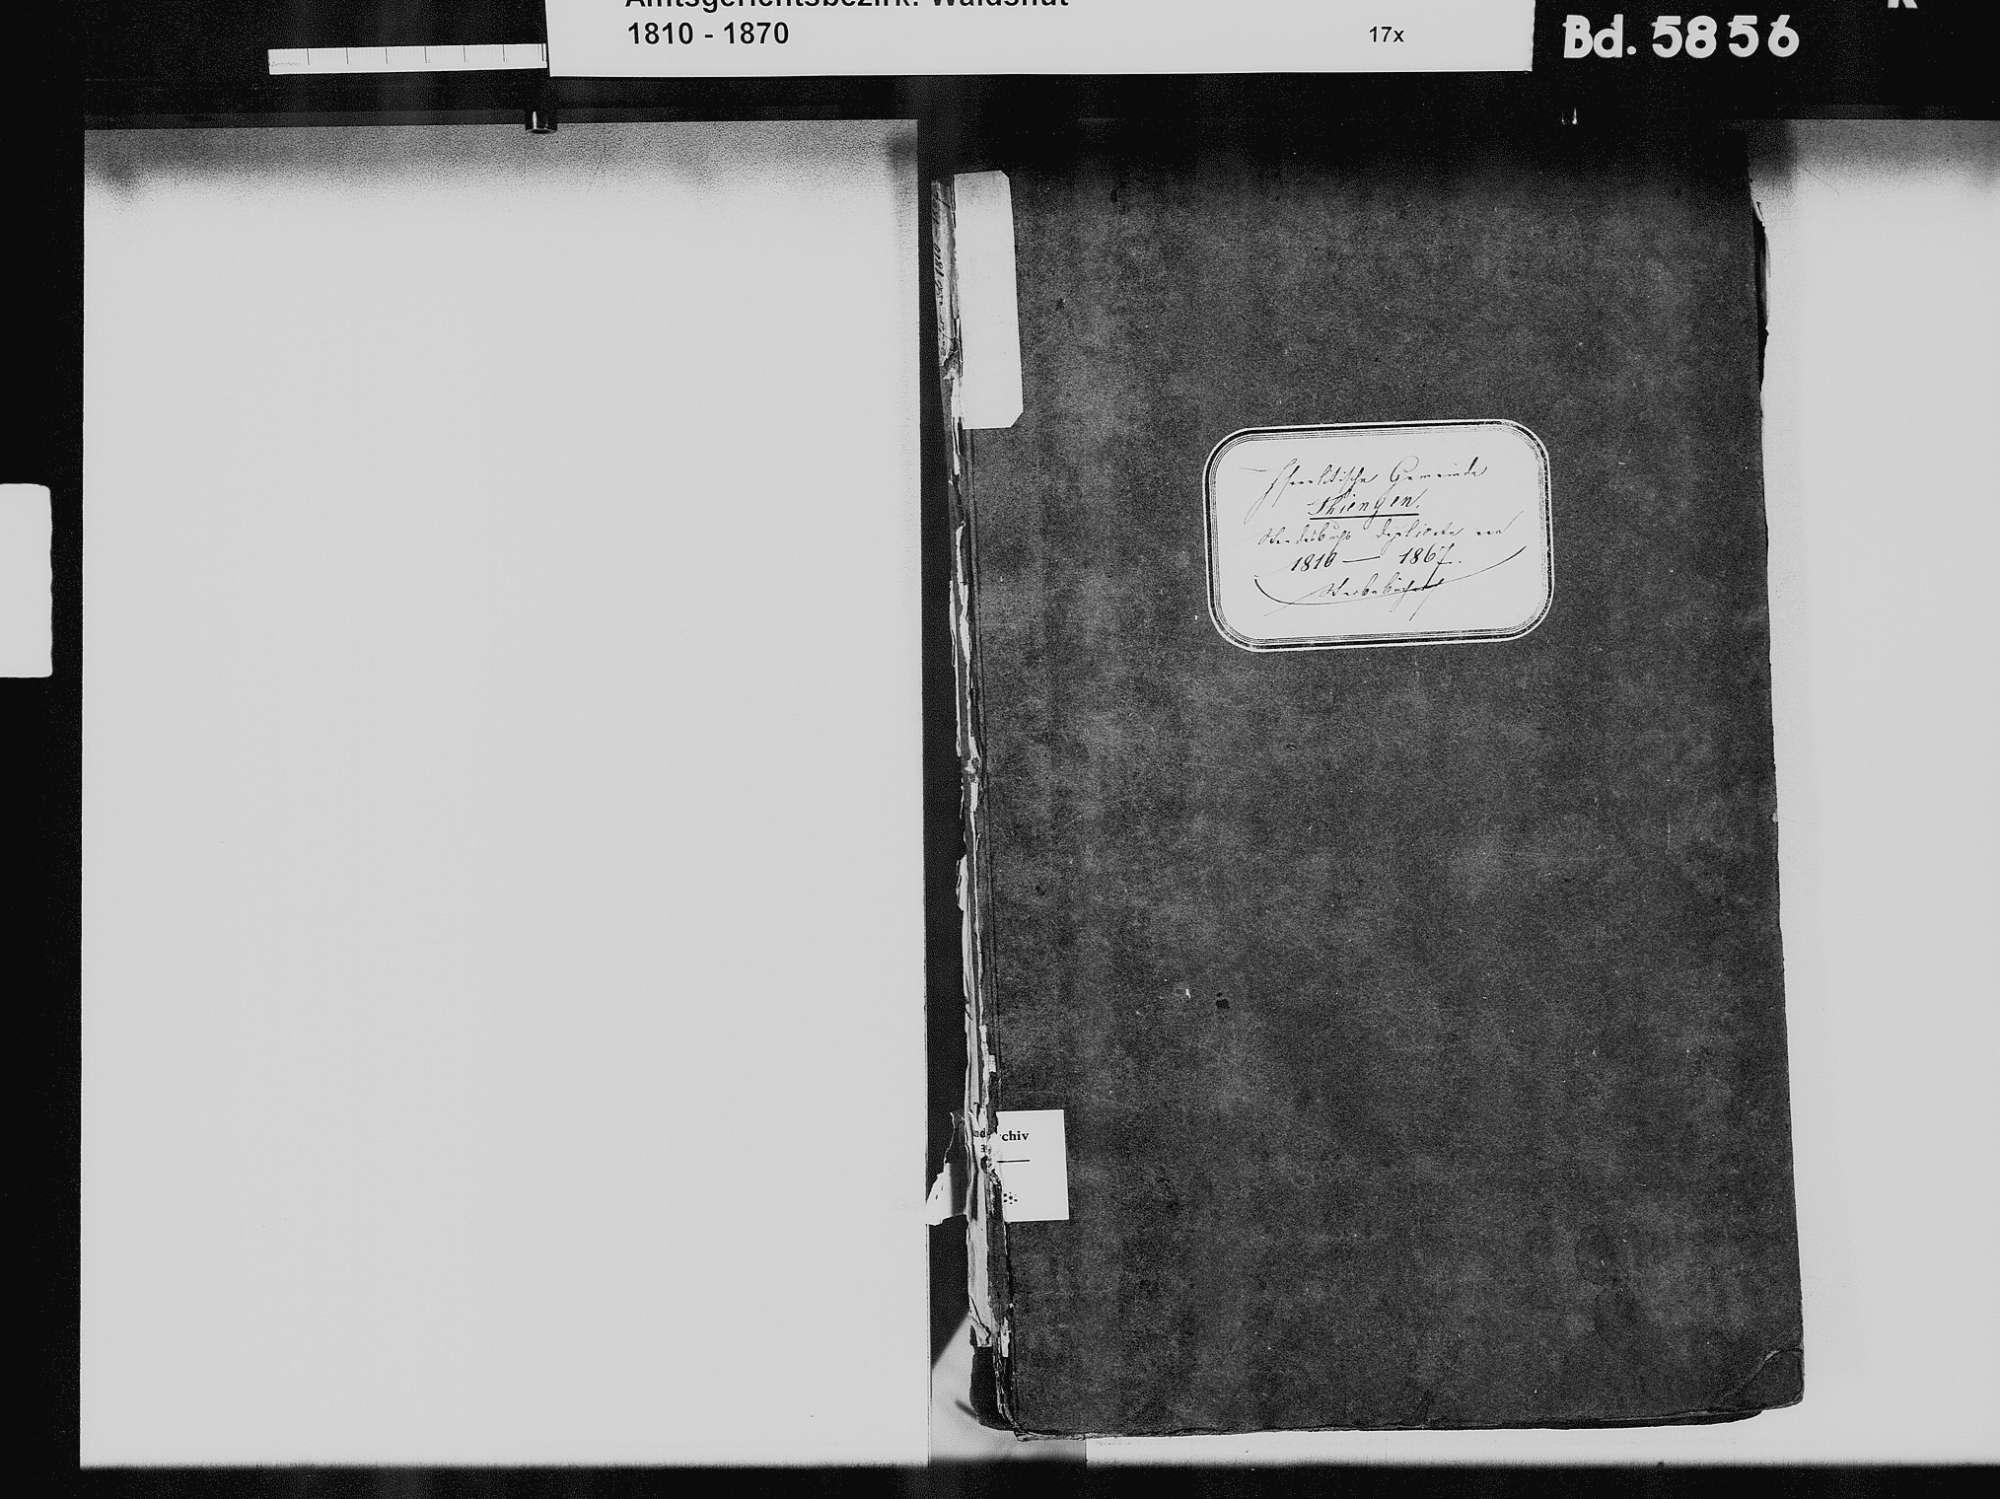 Tiengen/Hochrhein, Waldshut-Tiengen WT; Israelitische Gemeinde: Heiratsbuch 1824 Tiengen/Hochrhein, Waldshut-Tiengen WT; Israelitische Gemeinde: Sterbebuch 1810-1869, Bild 3